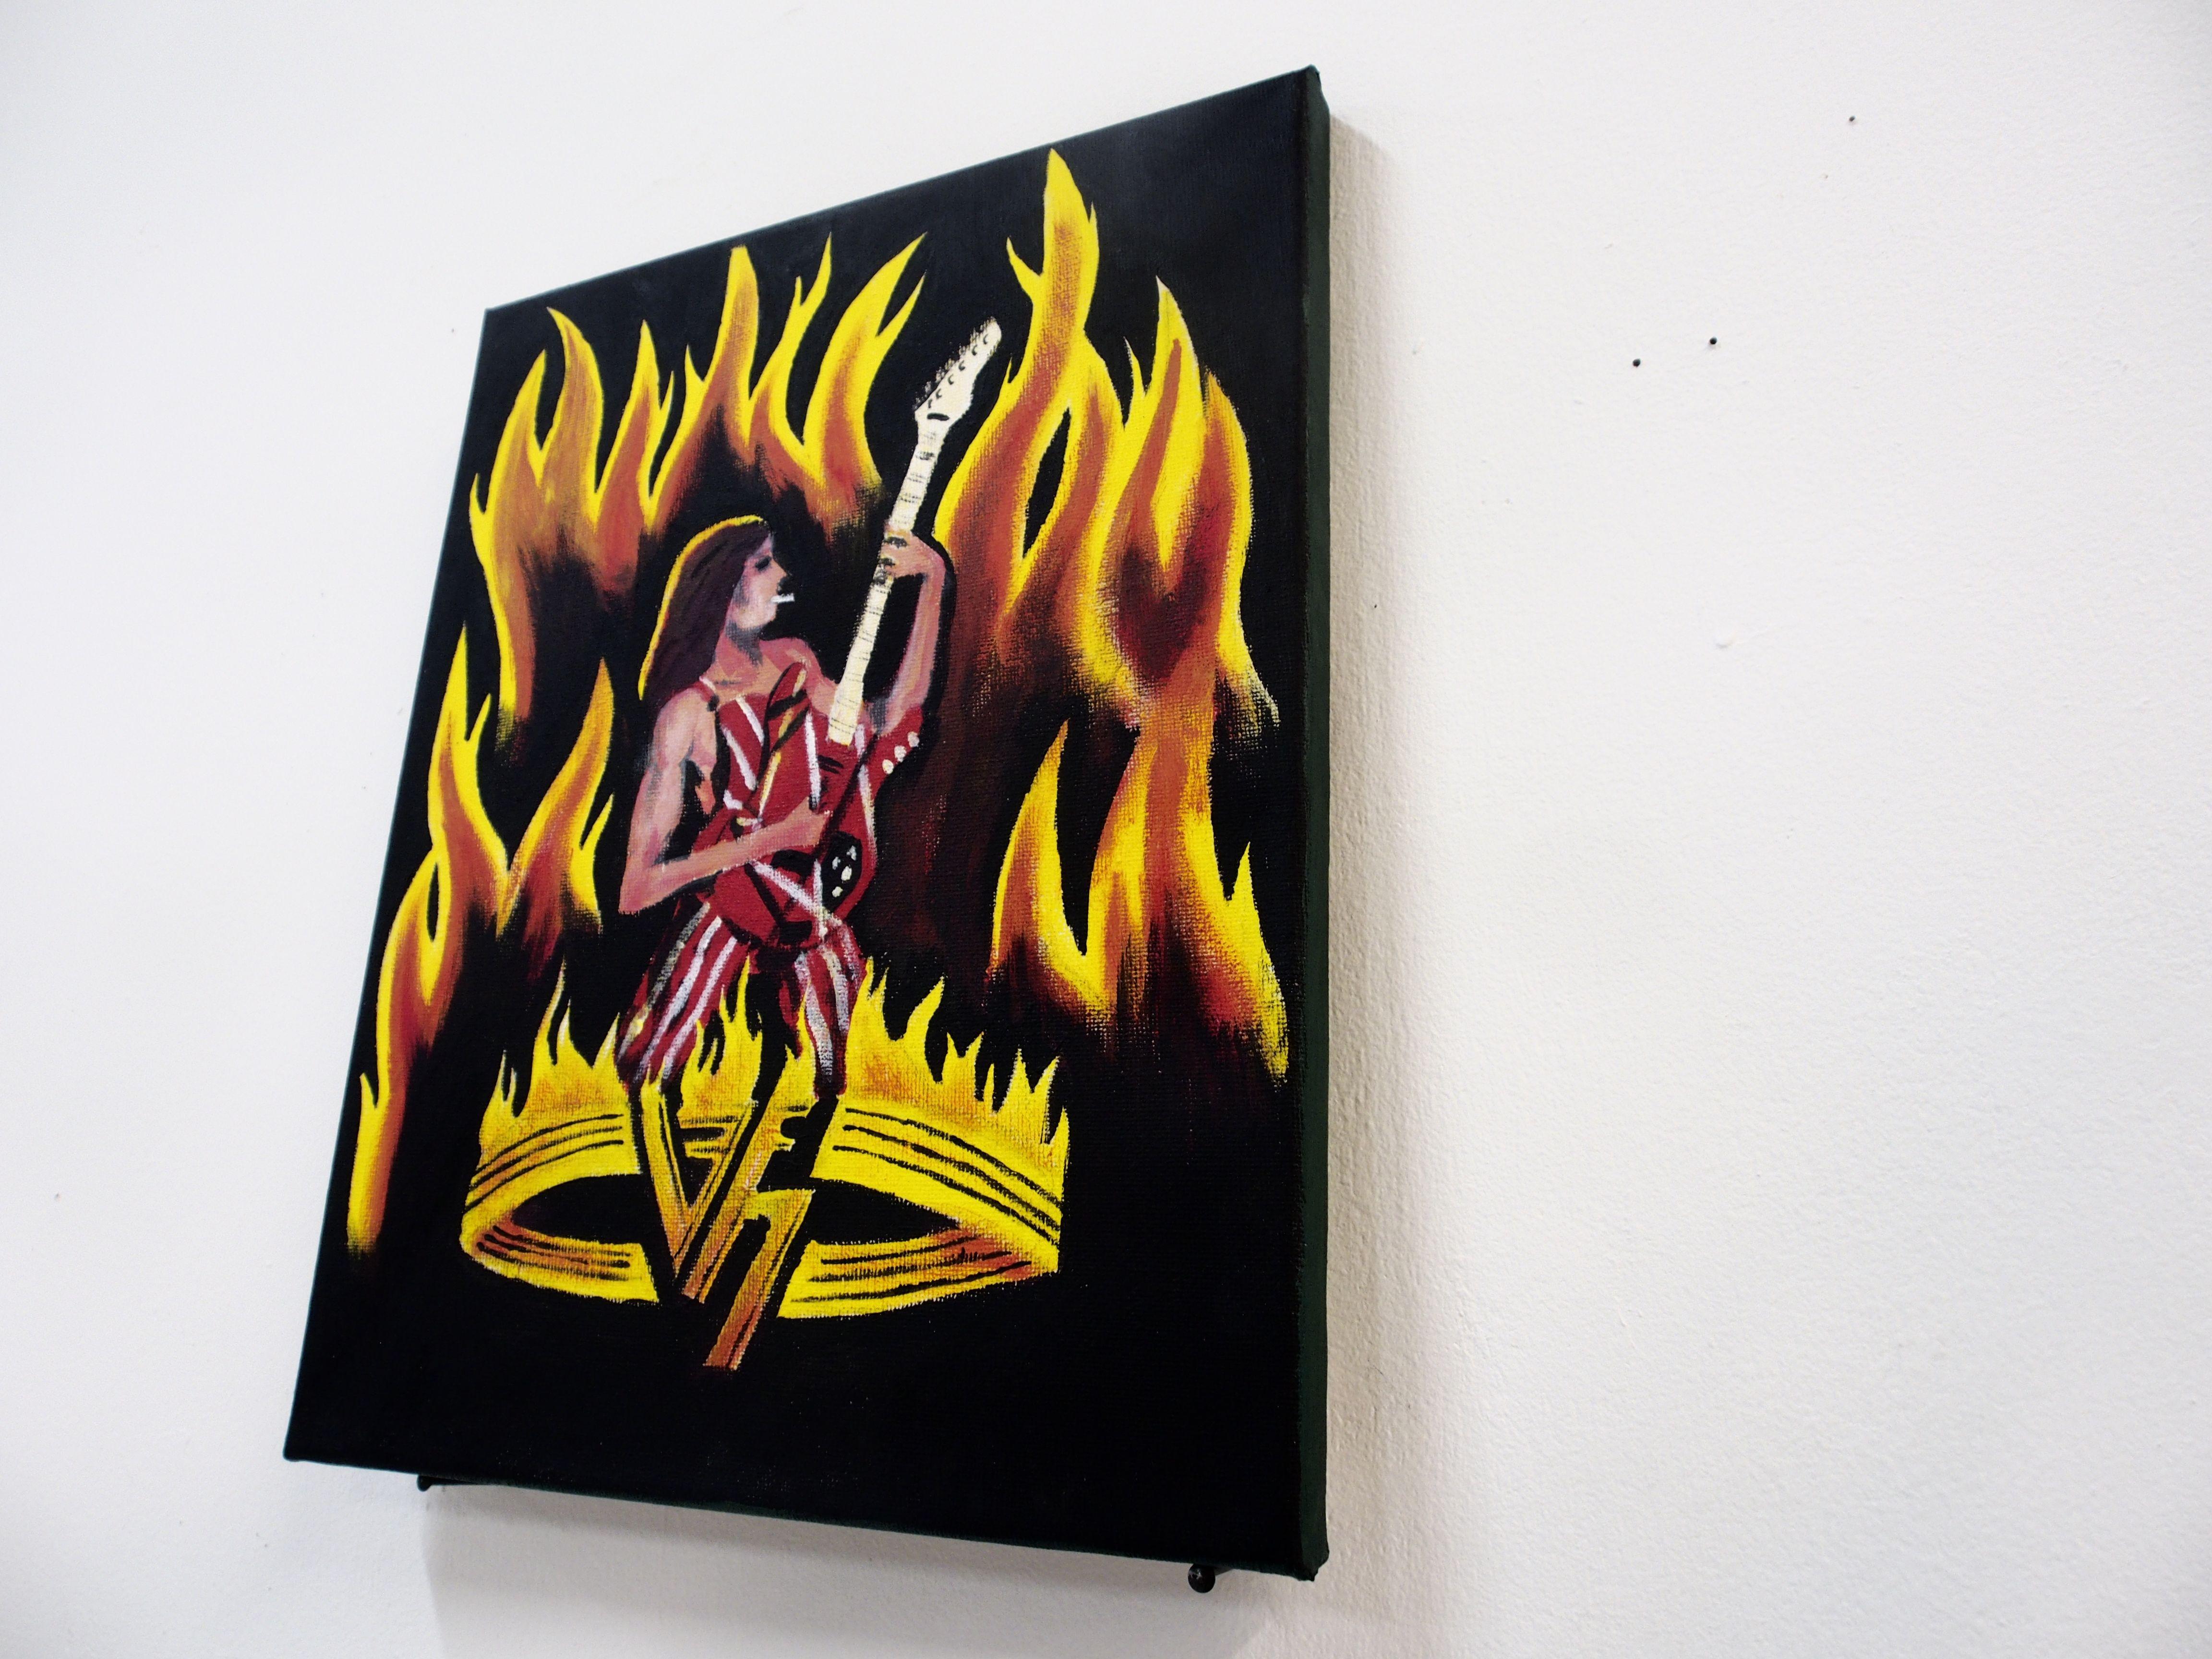 Frank Vivier, Super Rock, acrylique sur toil, 24 par 30cm, 2017